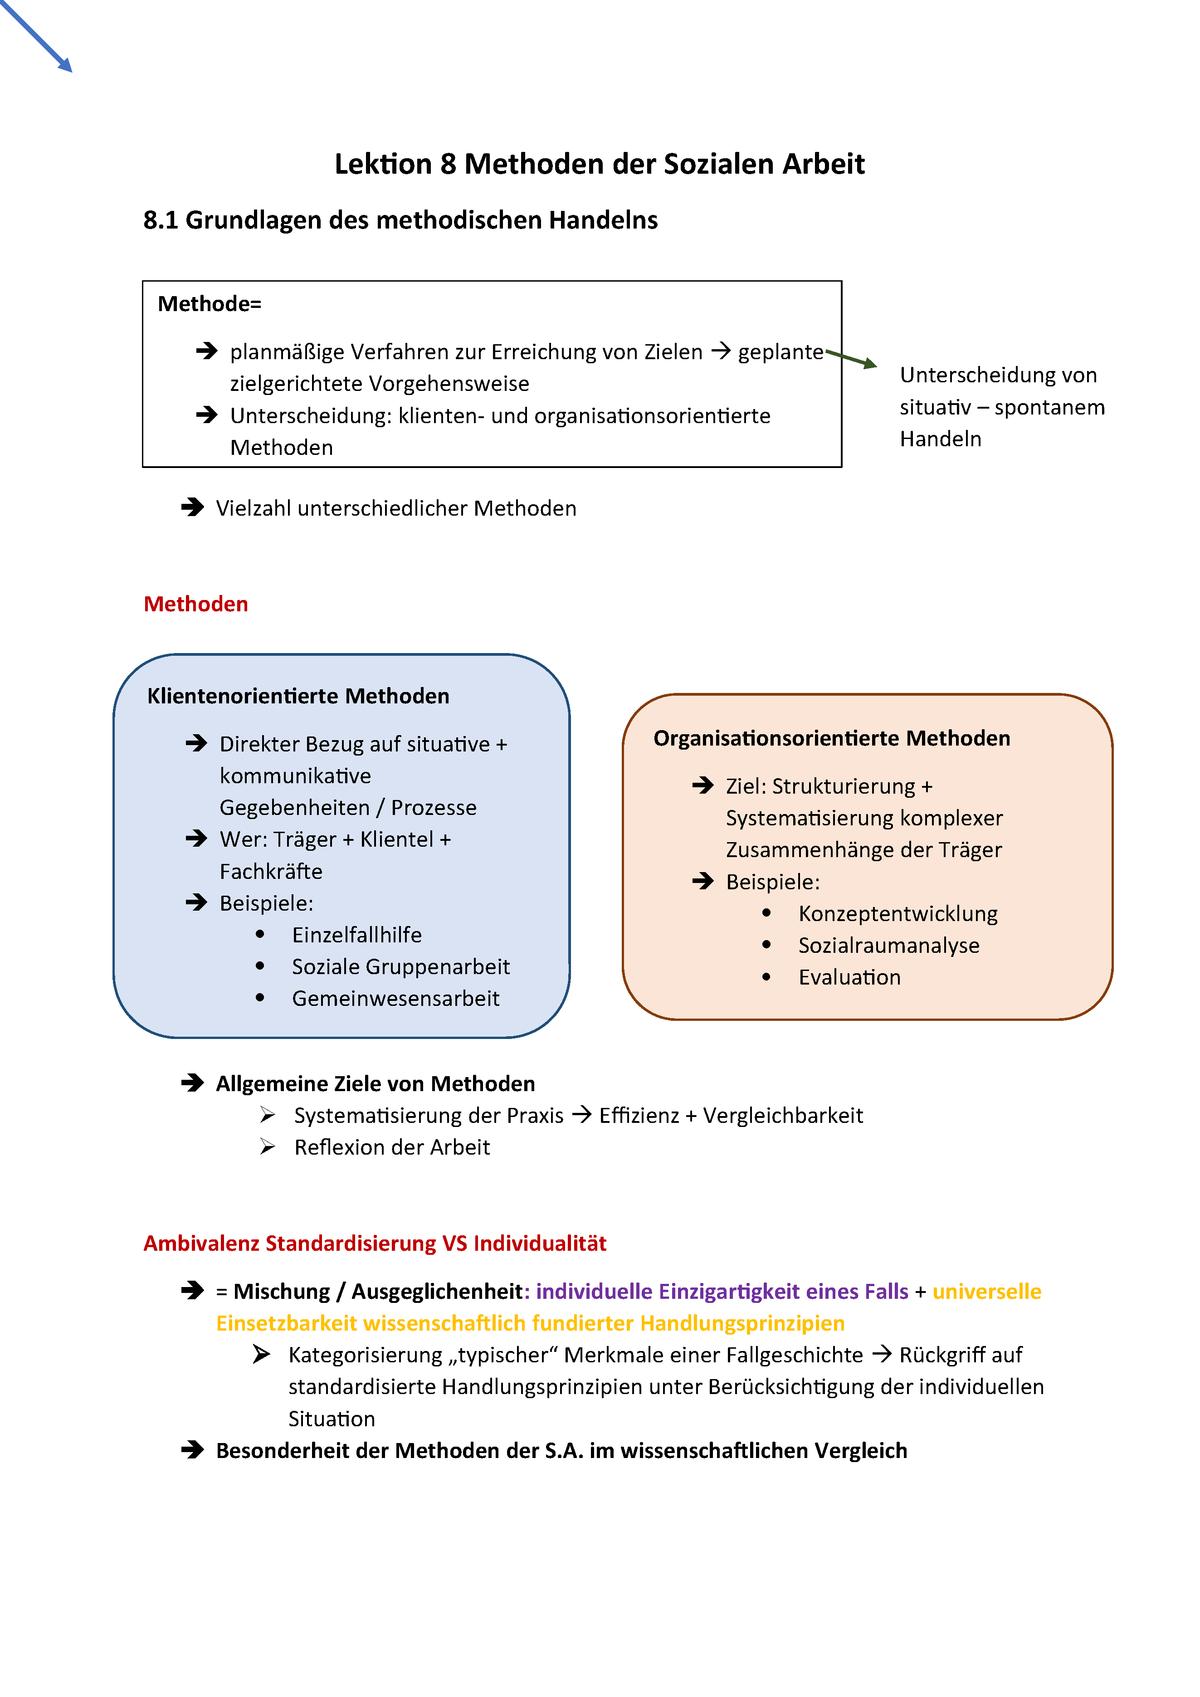 Lektion 8 Methoden Der Sozialen Arbeit Studocu